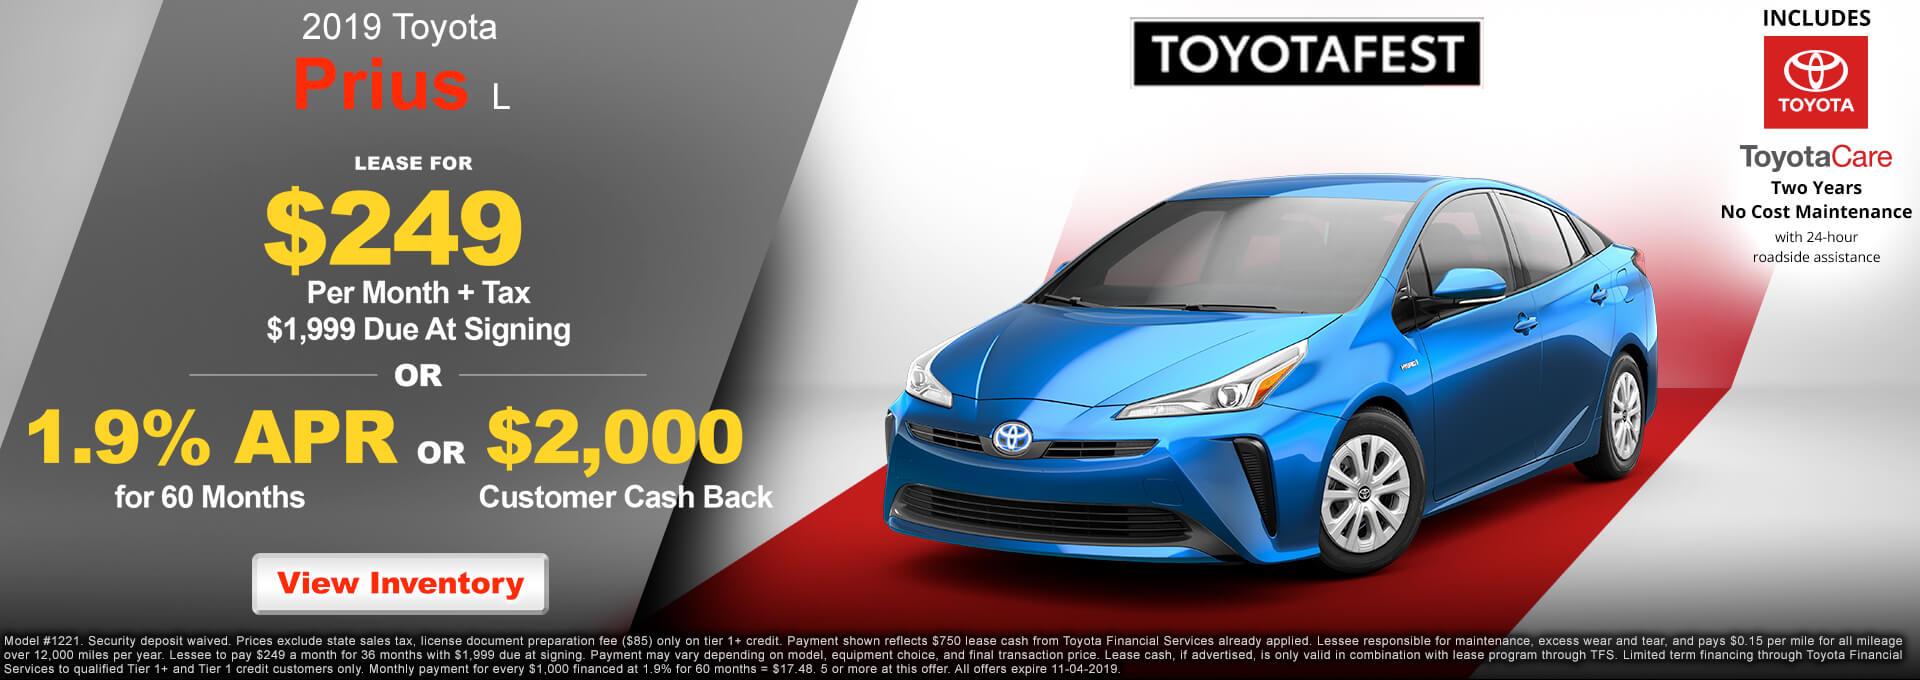 2019 Toyota Prius $249